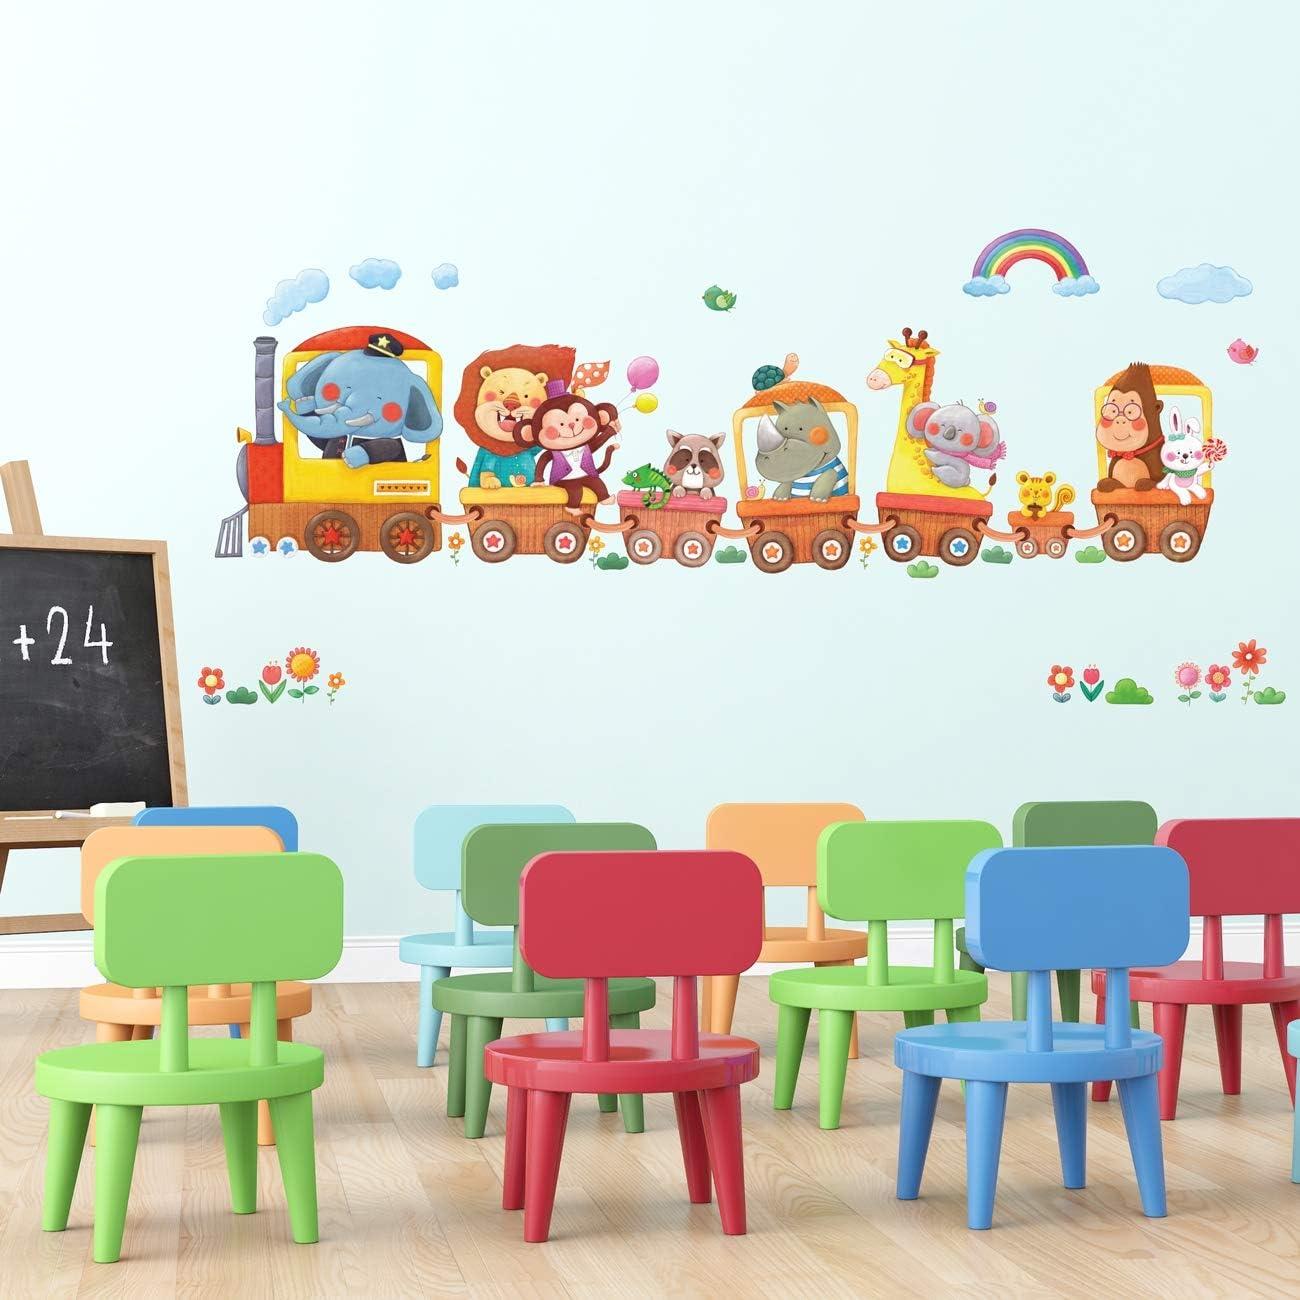 DECOWALL DL-1406BL Montgolfi/ères Animaux Autocollants Muraux Mural Stickers Chambre Enfants B/éb/é Garderie Salon Extra Grand